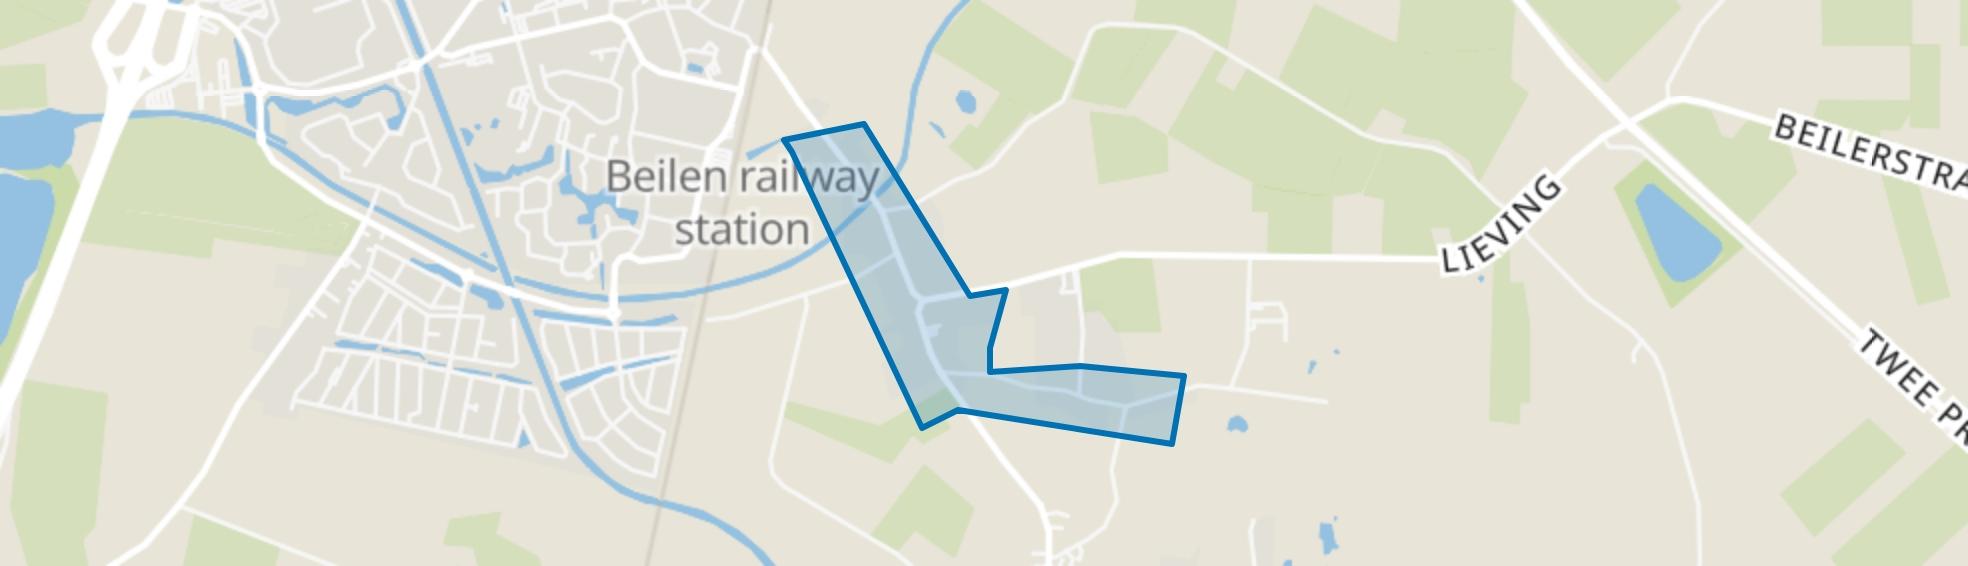 Lieving Makkum, Beilen map